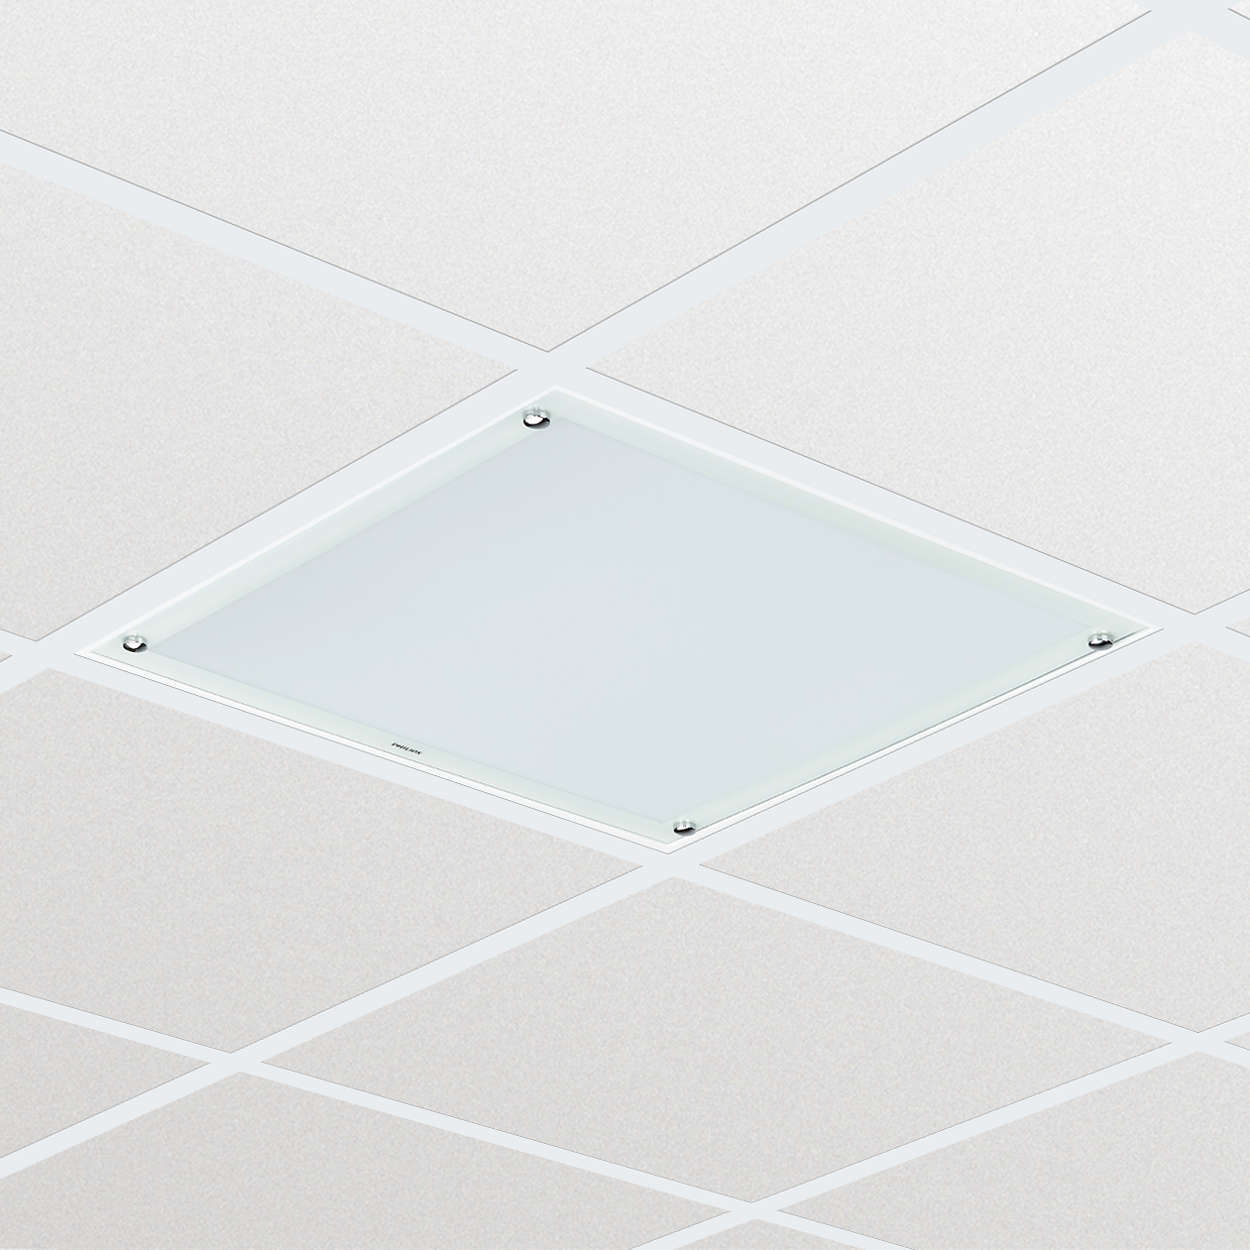 LuminariaLED para salas limpias CR250B: solución uniforme, de confianza, con buena relación calidad-precio